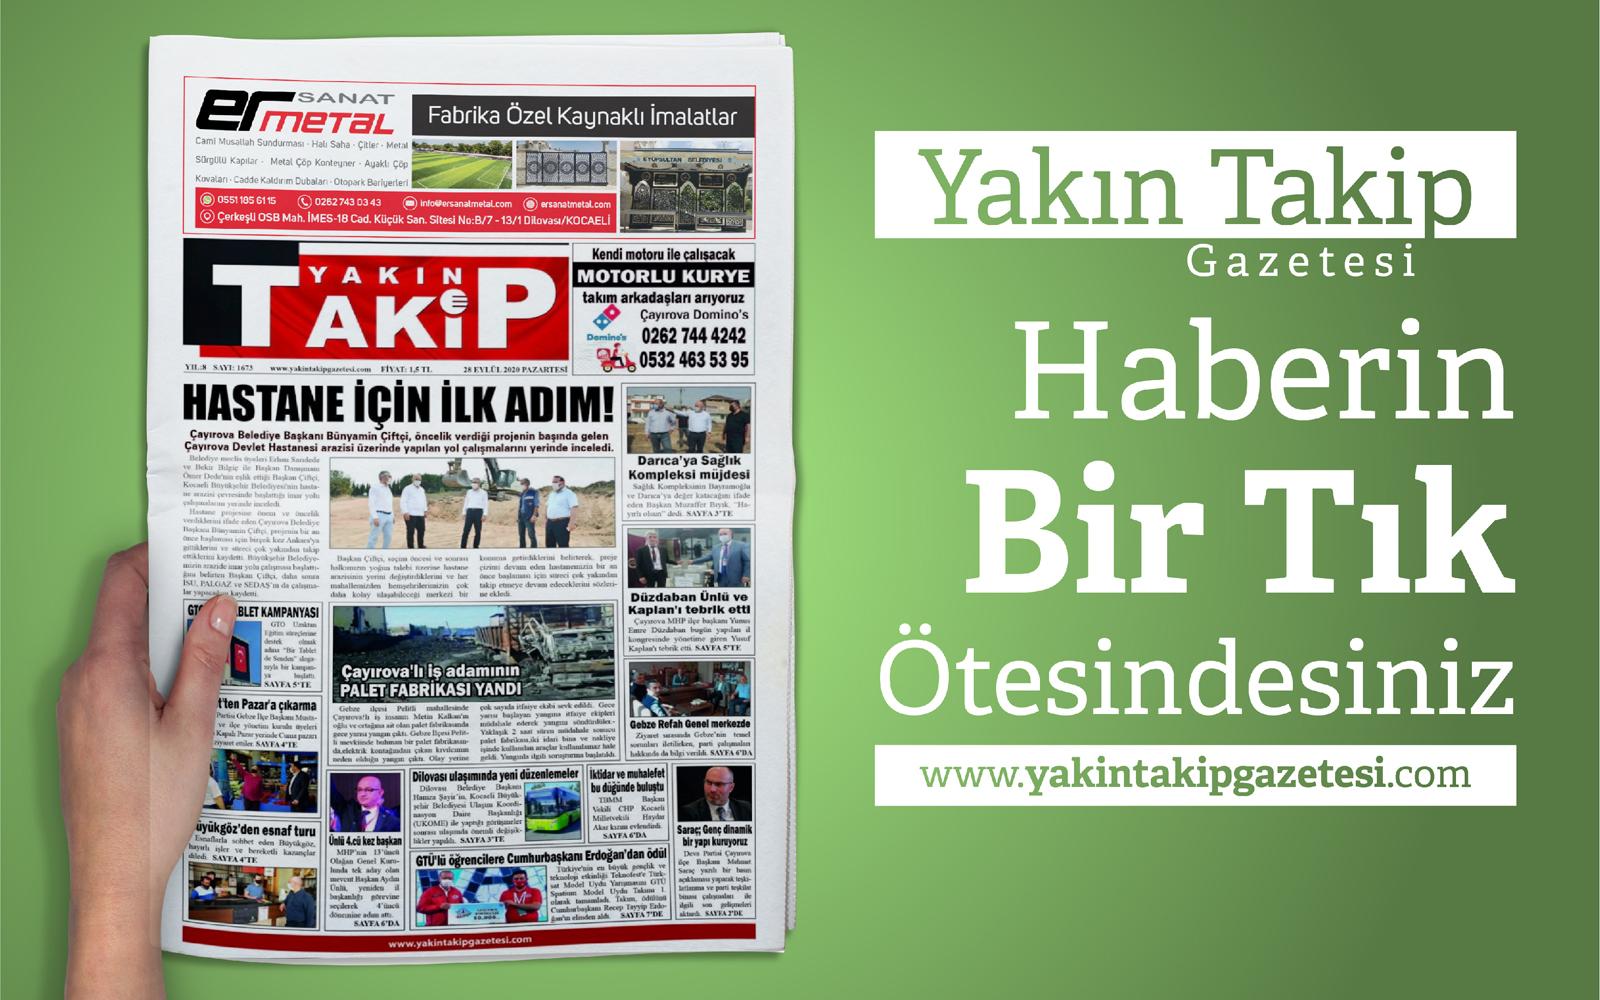 Yakın Takip Gazetesi